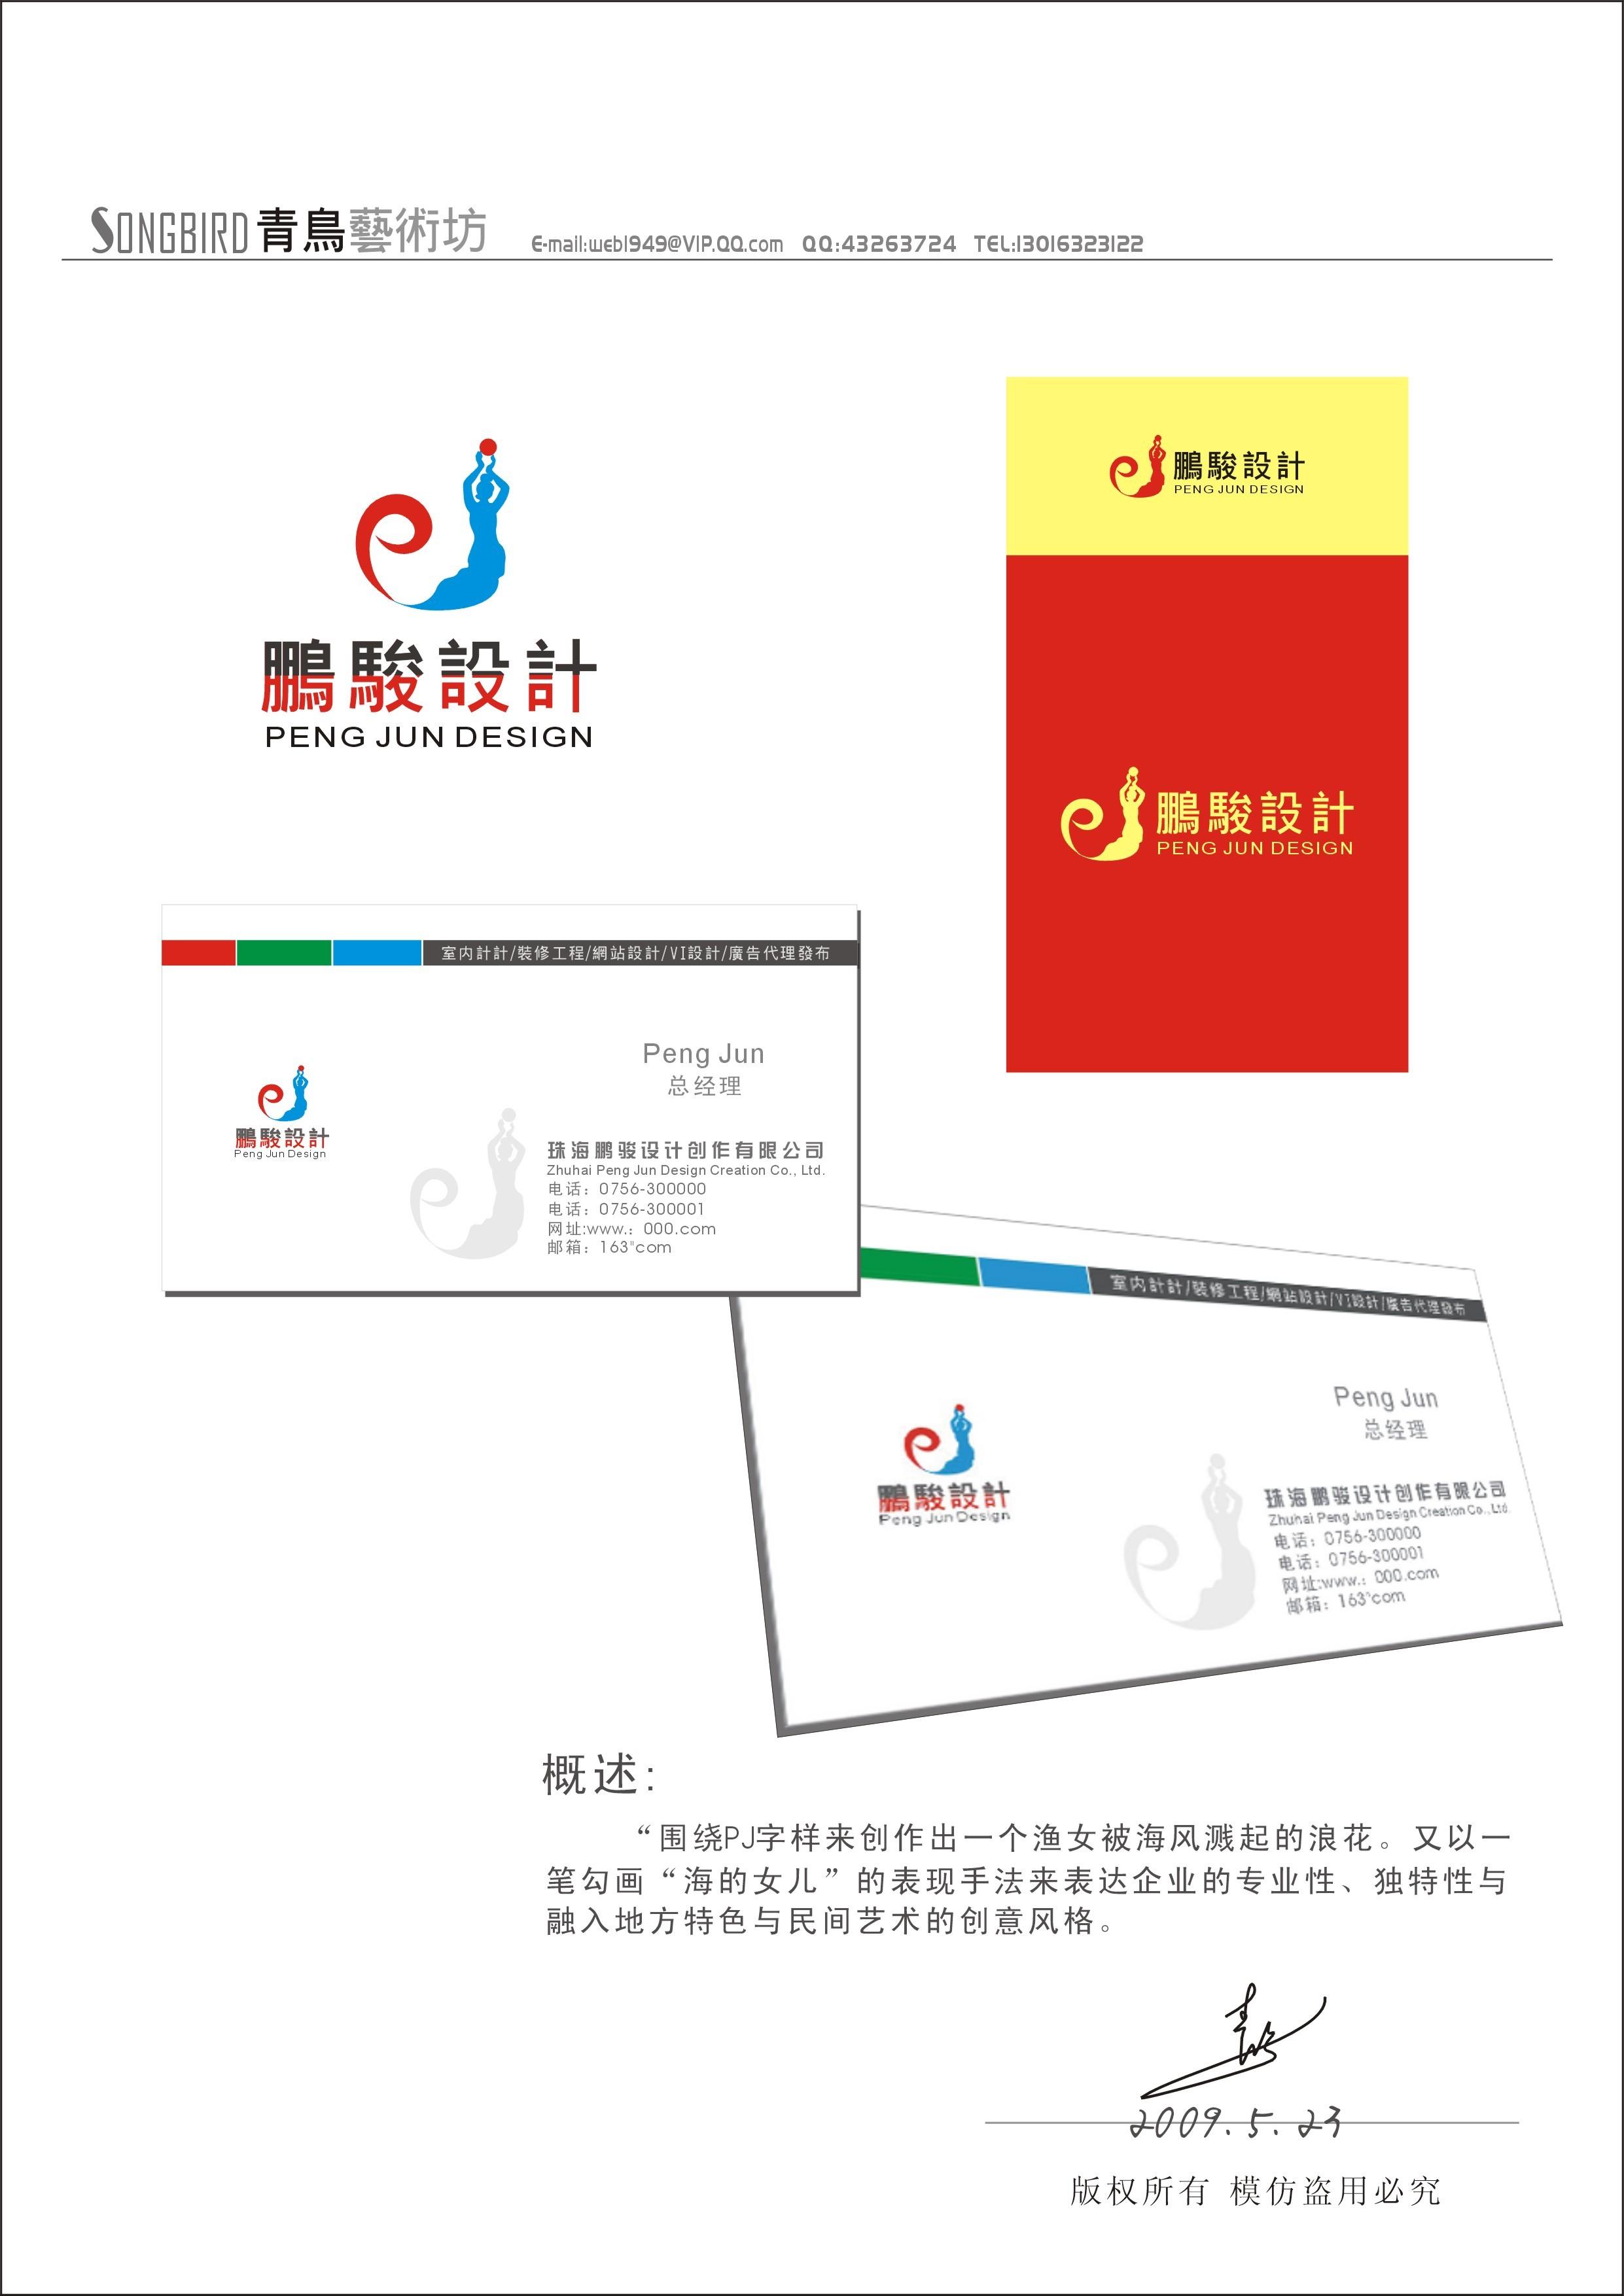 征集珠海鹏骏设计创作有限公司logo名片